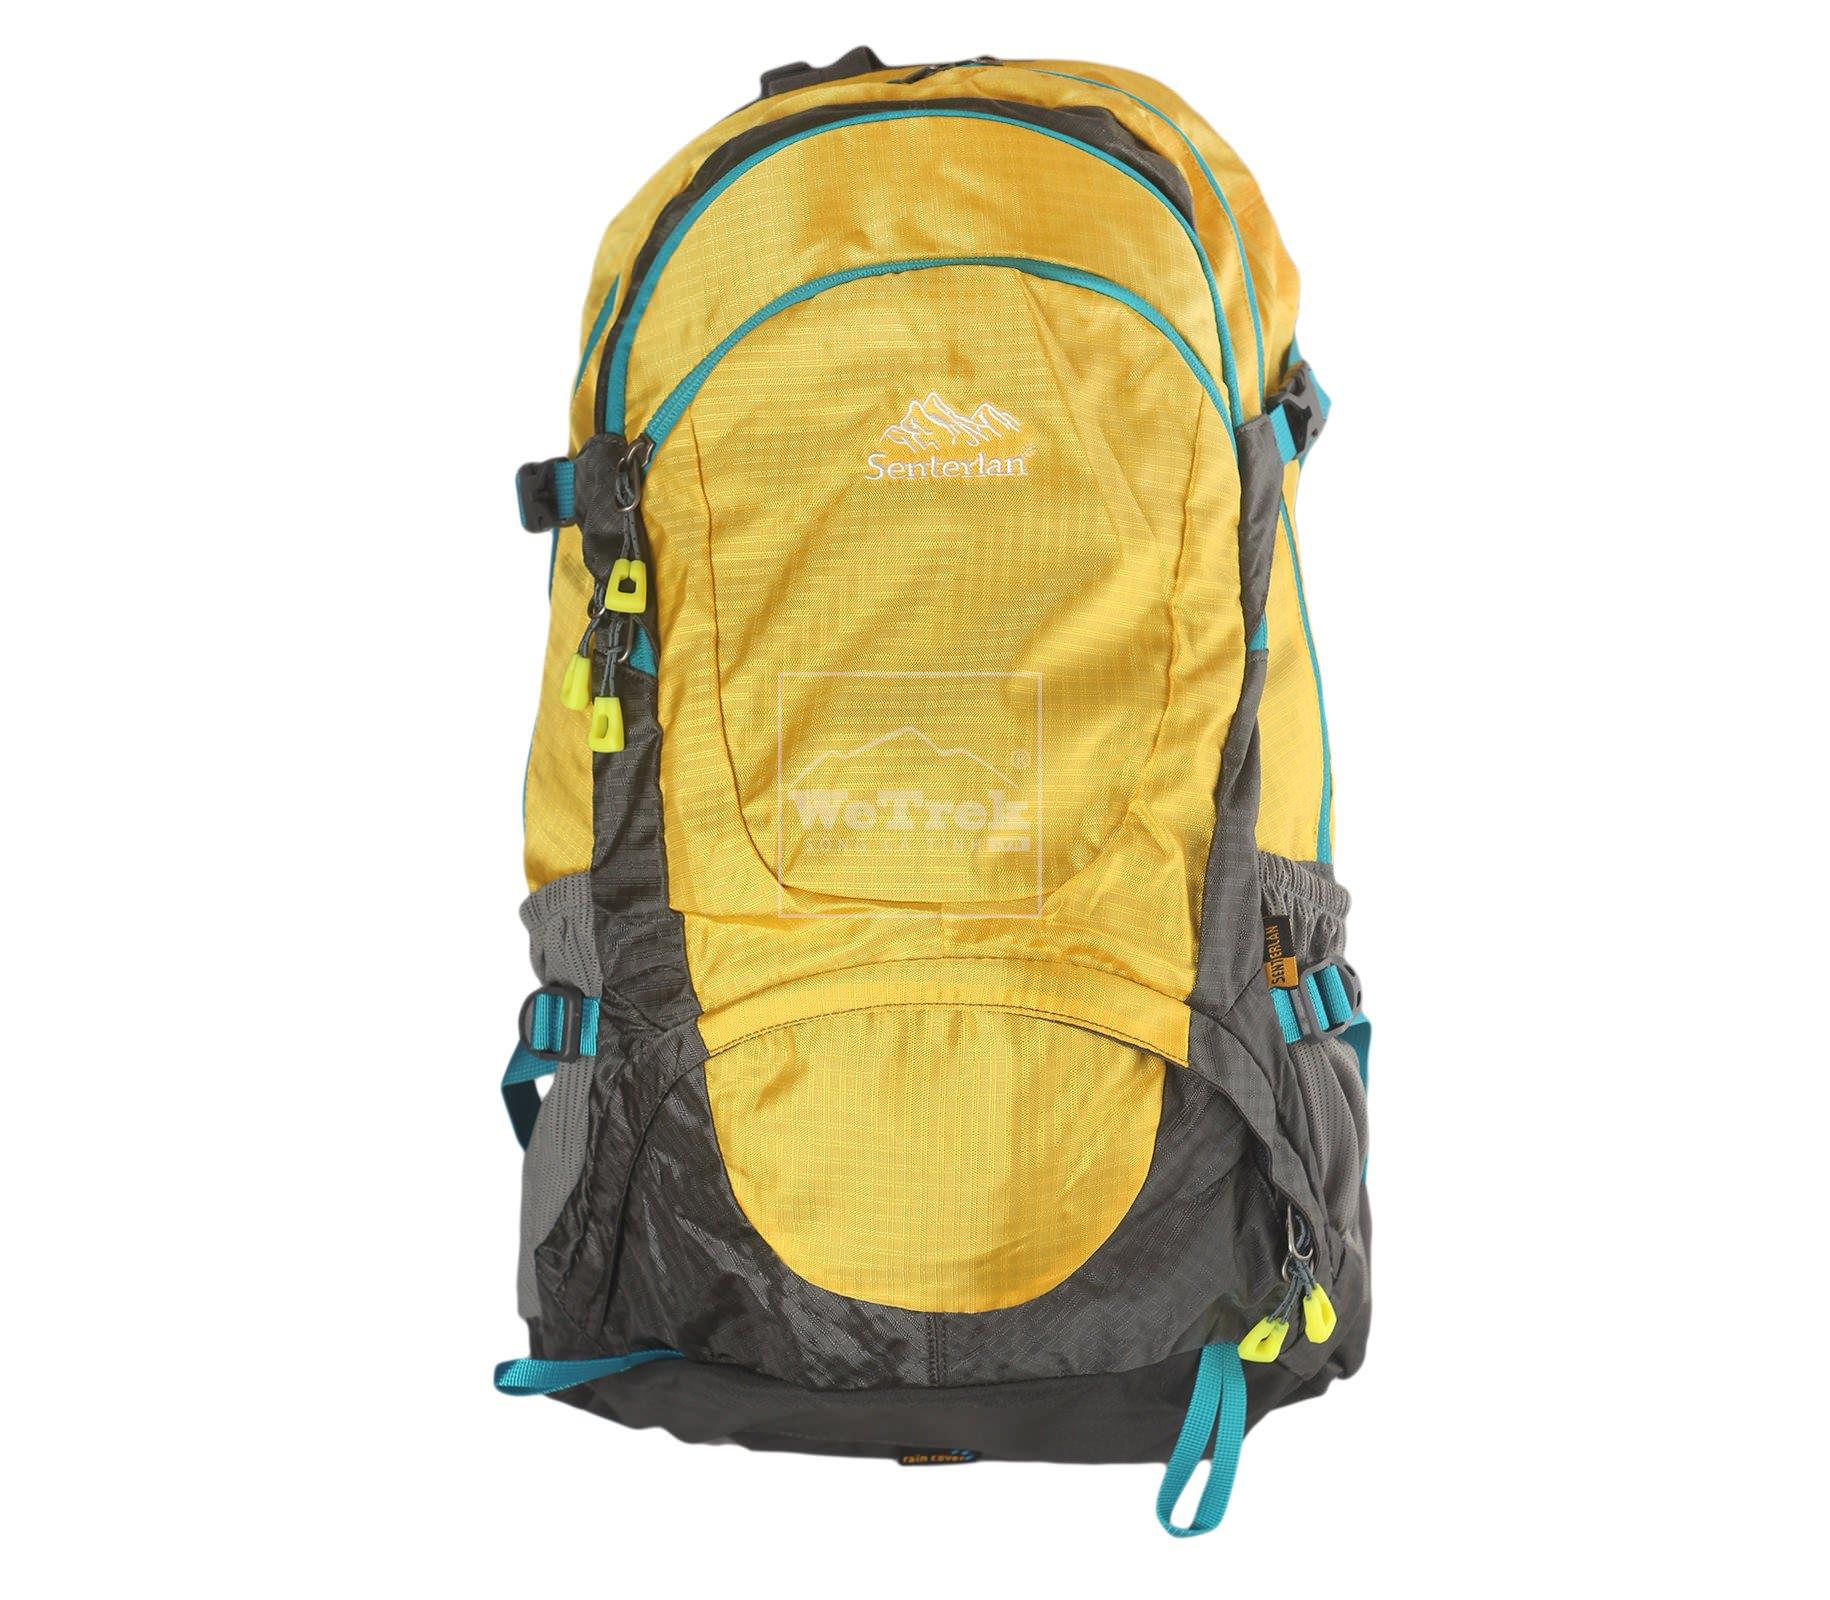 Balo leo núi 35L Senterlan S2526 - Yellow 5688